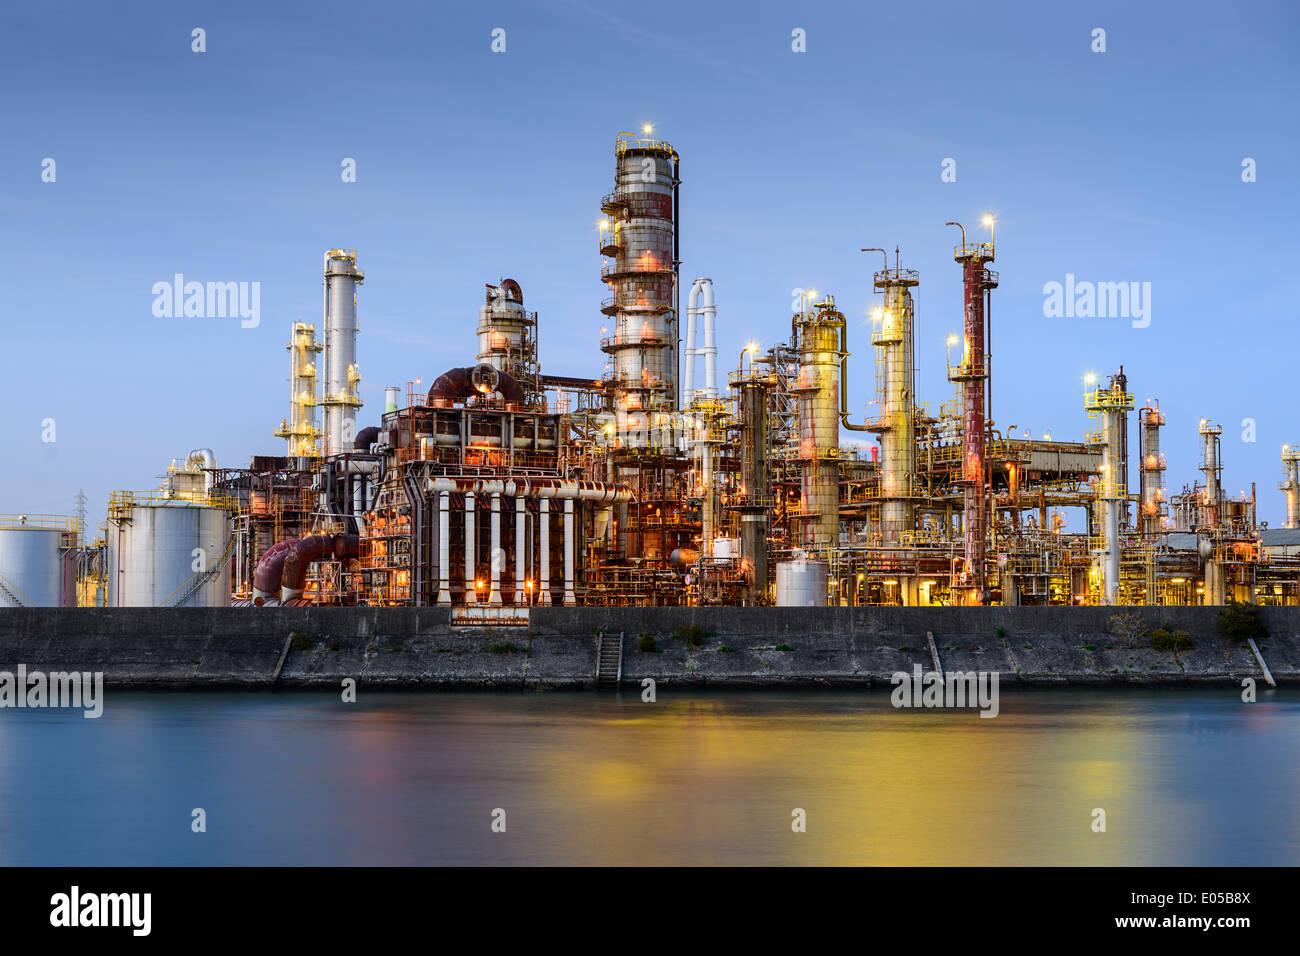 Les raffineries de pétrole line une rivière de Yokkaichi, au Japon. La ville a été un centre pour l'industrie chimique Banque D'Images